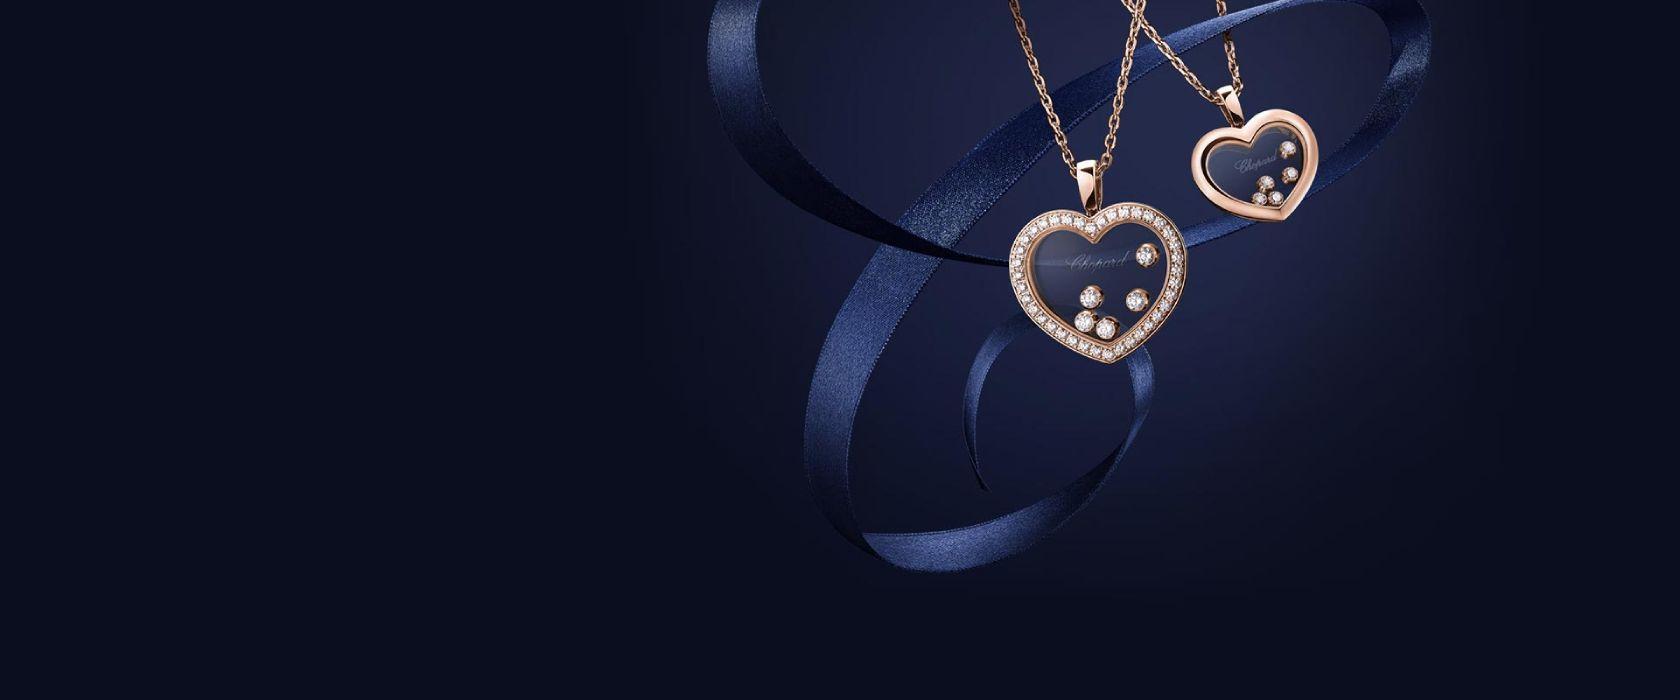 biżuteria Chopard